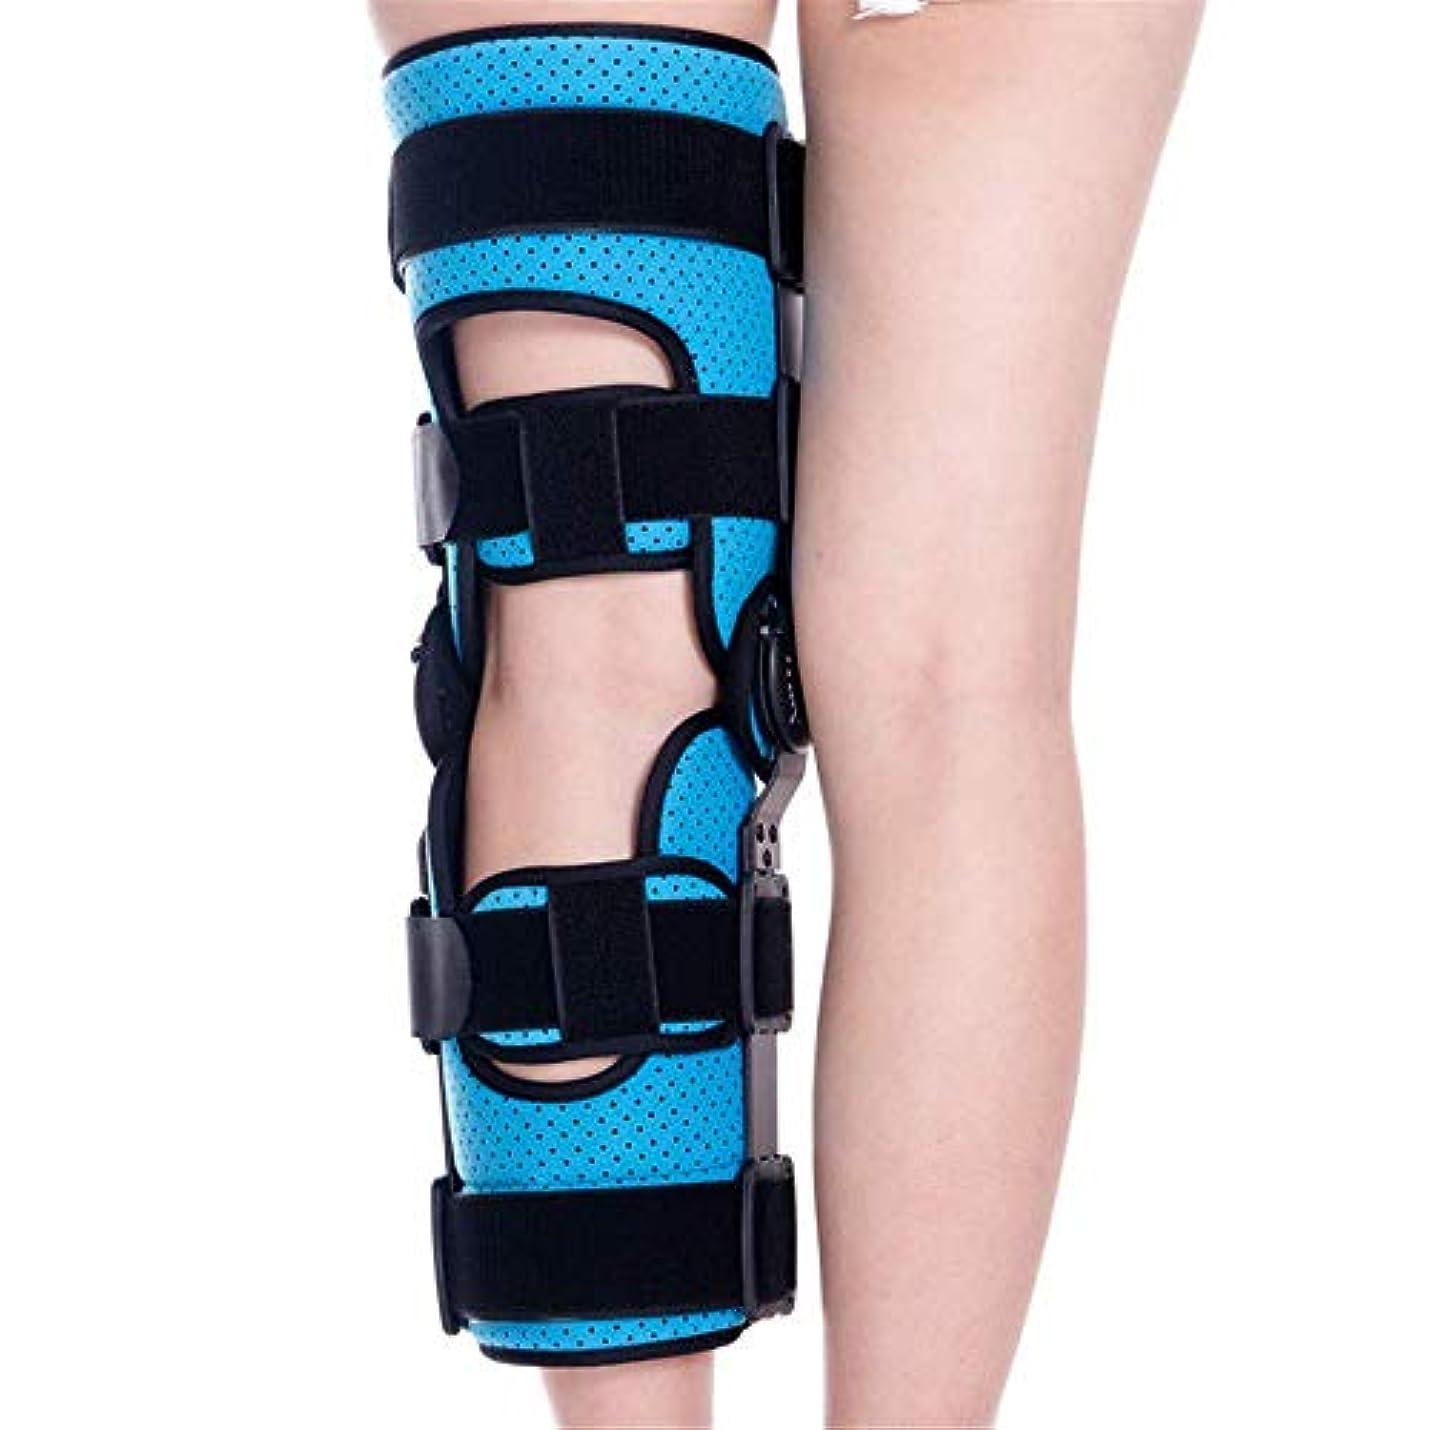 蓋さておきホラー膝のブレースストラップ、膝のブレースジョイント膝蓋骨ブレーススタビライザーパッドレッグレスト、靭帯、スポーツ傷害、上腕骨支持スタビライザーパッドアライナー,Left,L